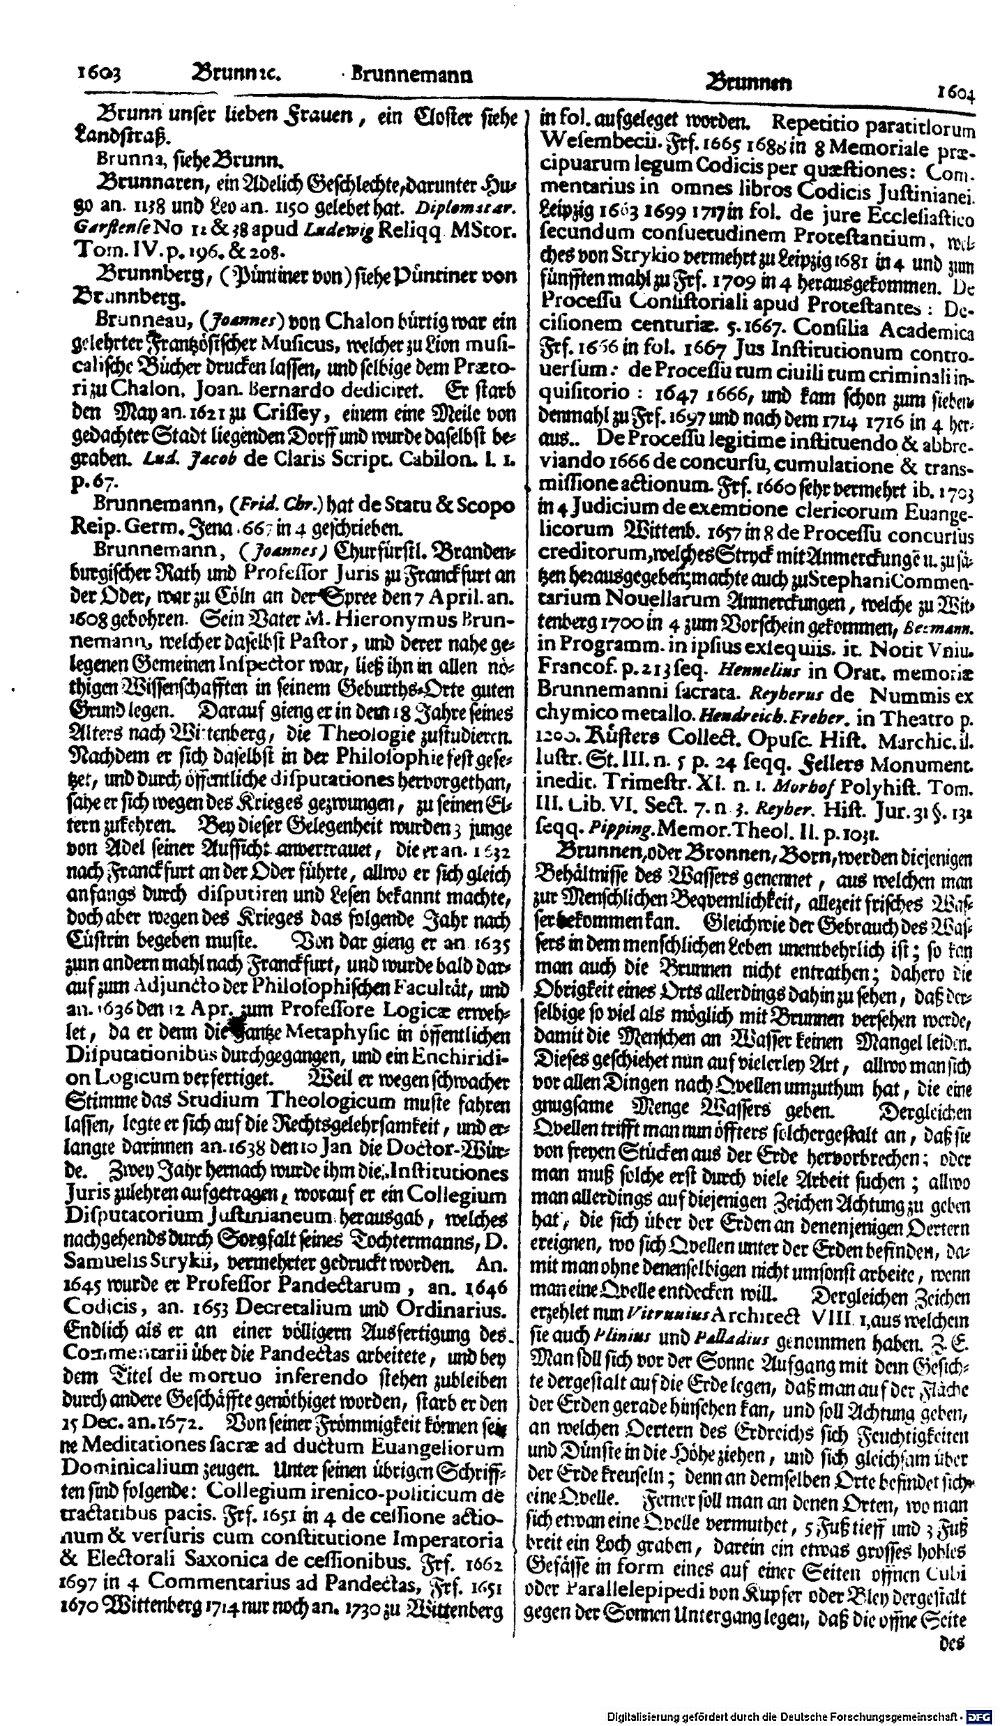 Bd. 04, Seite 0817.